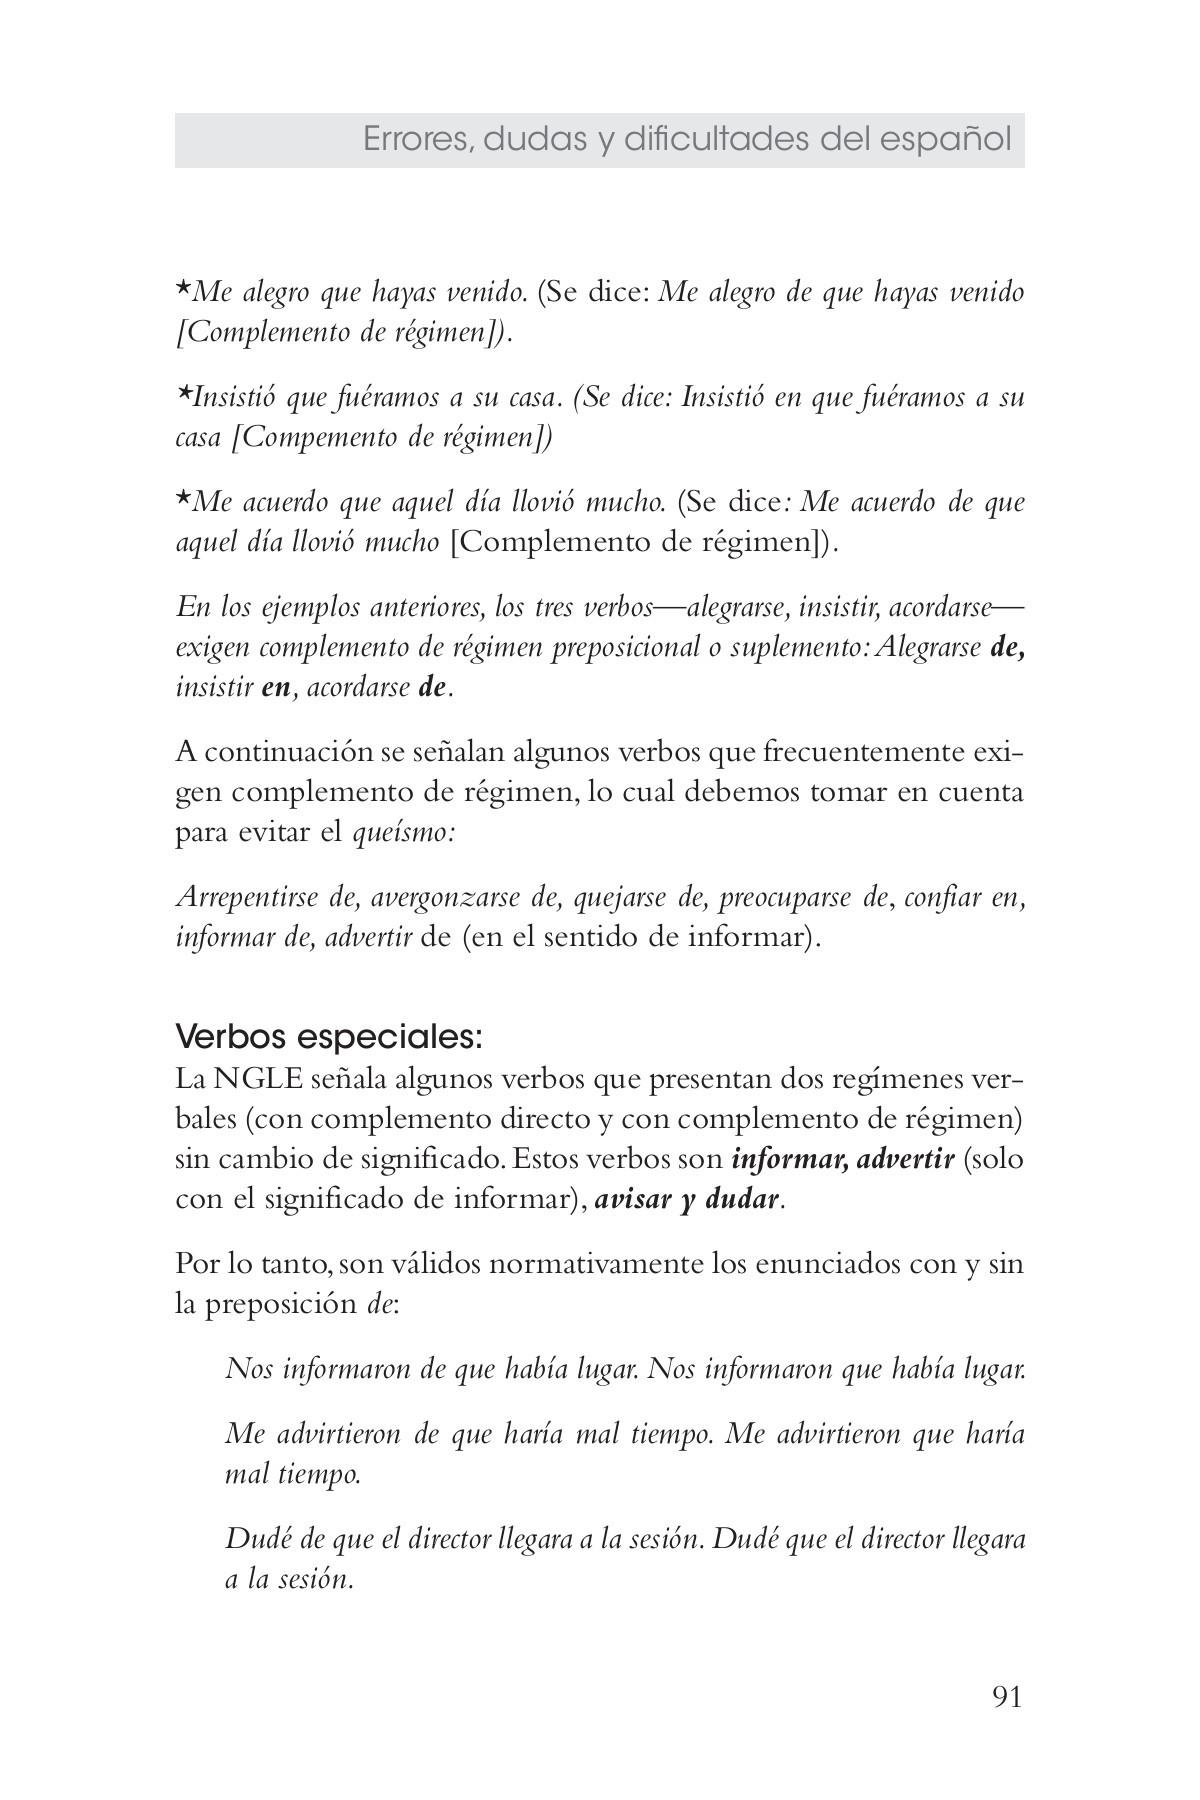 Como Se Escribe 91 En Numeros Romanos errores, dudas y dificultades del español pages 101 - 150